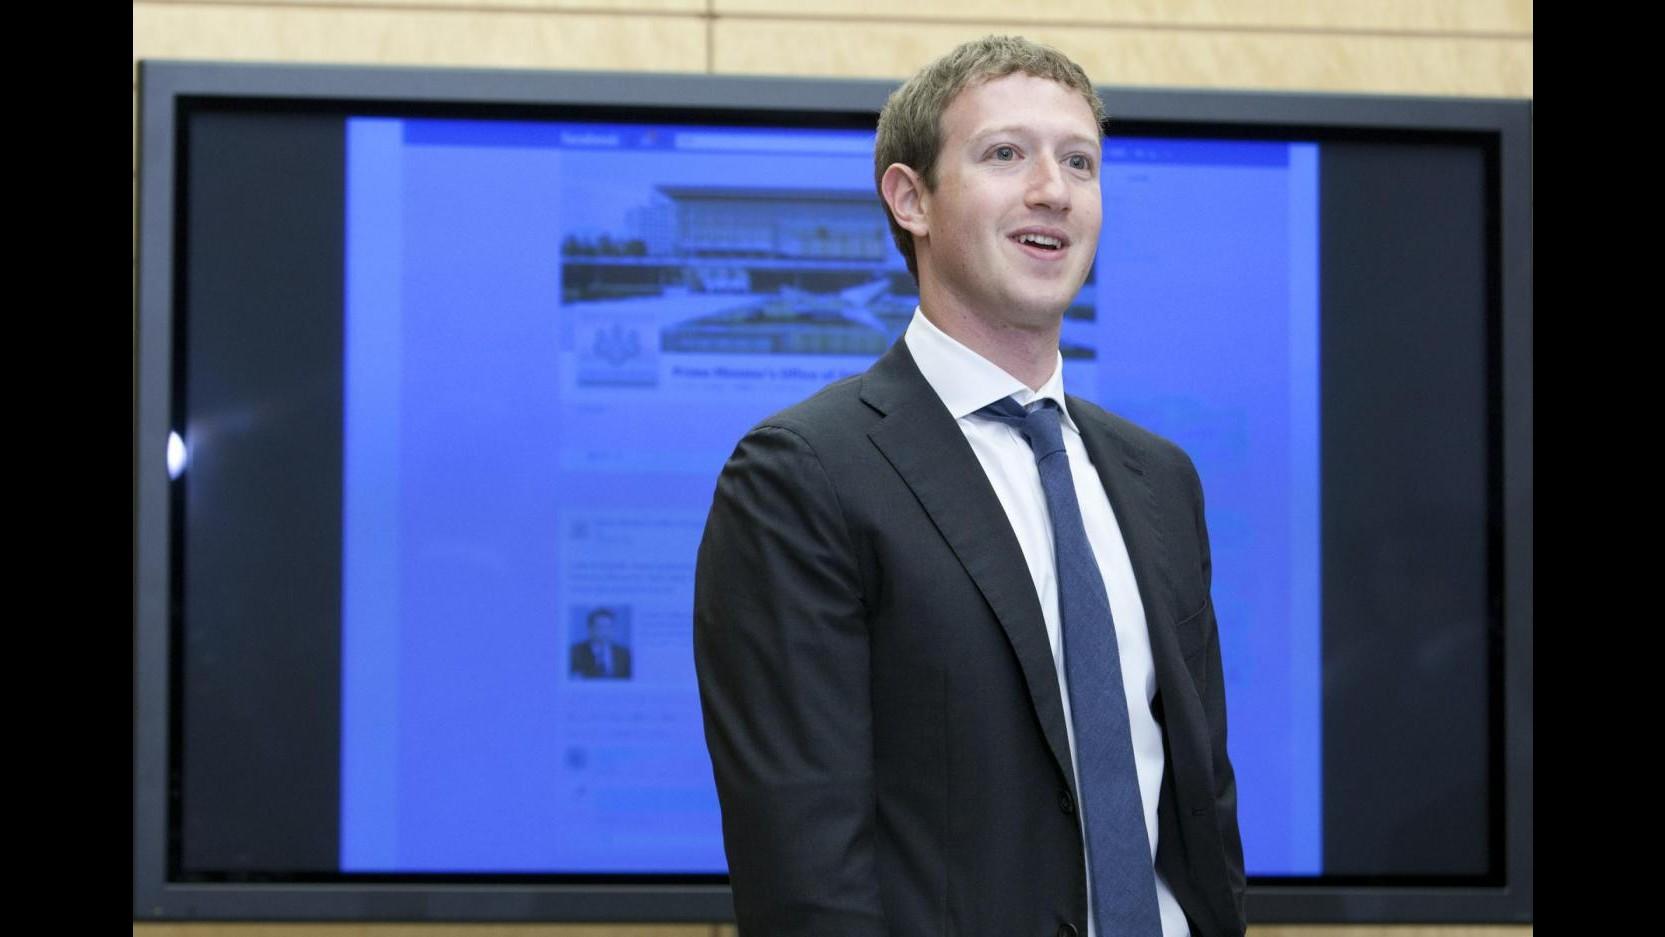 Facebook aggiorna le regole: ecco cosa si può condividere e cosa no